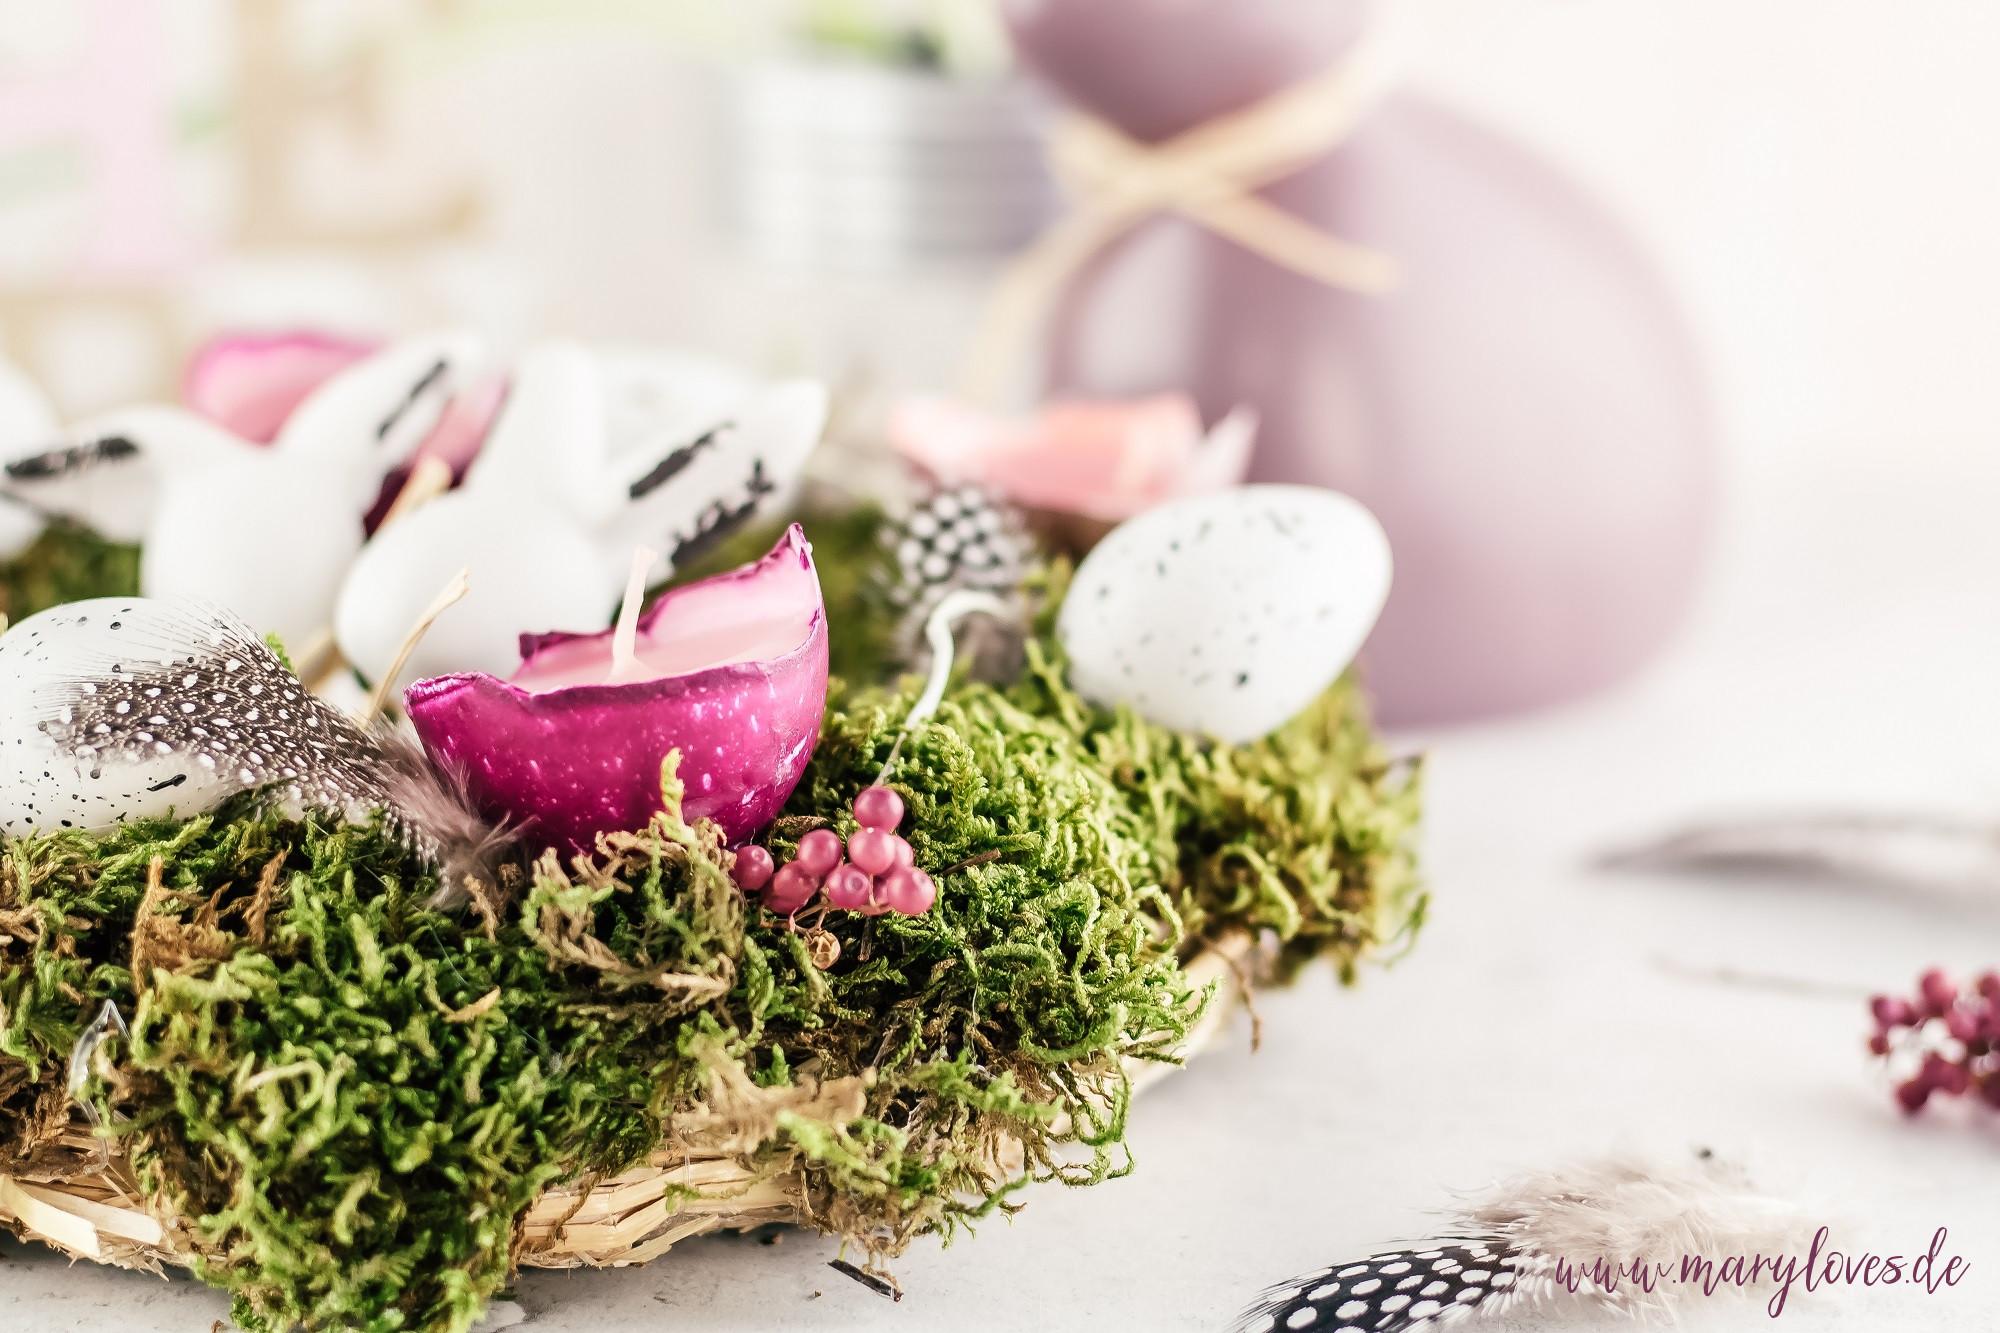 DIY Tischdeko für Ostern: Ein Osterkranz mit Eierschalenkerzen